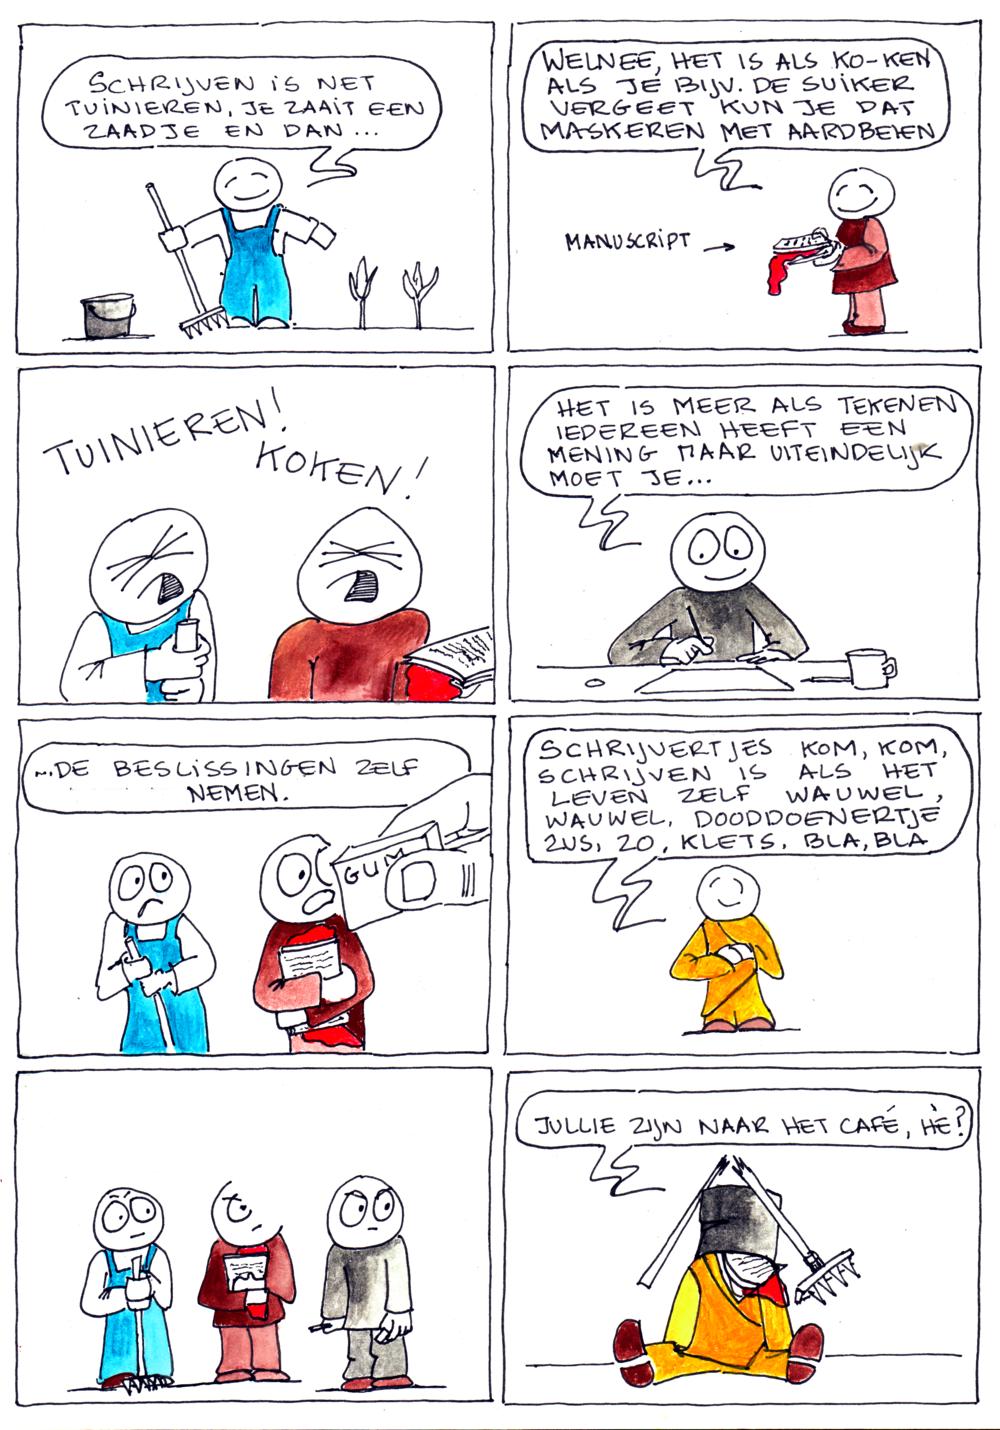 tek strip schrijven is als5s.png